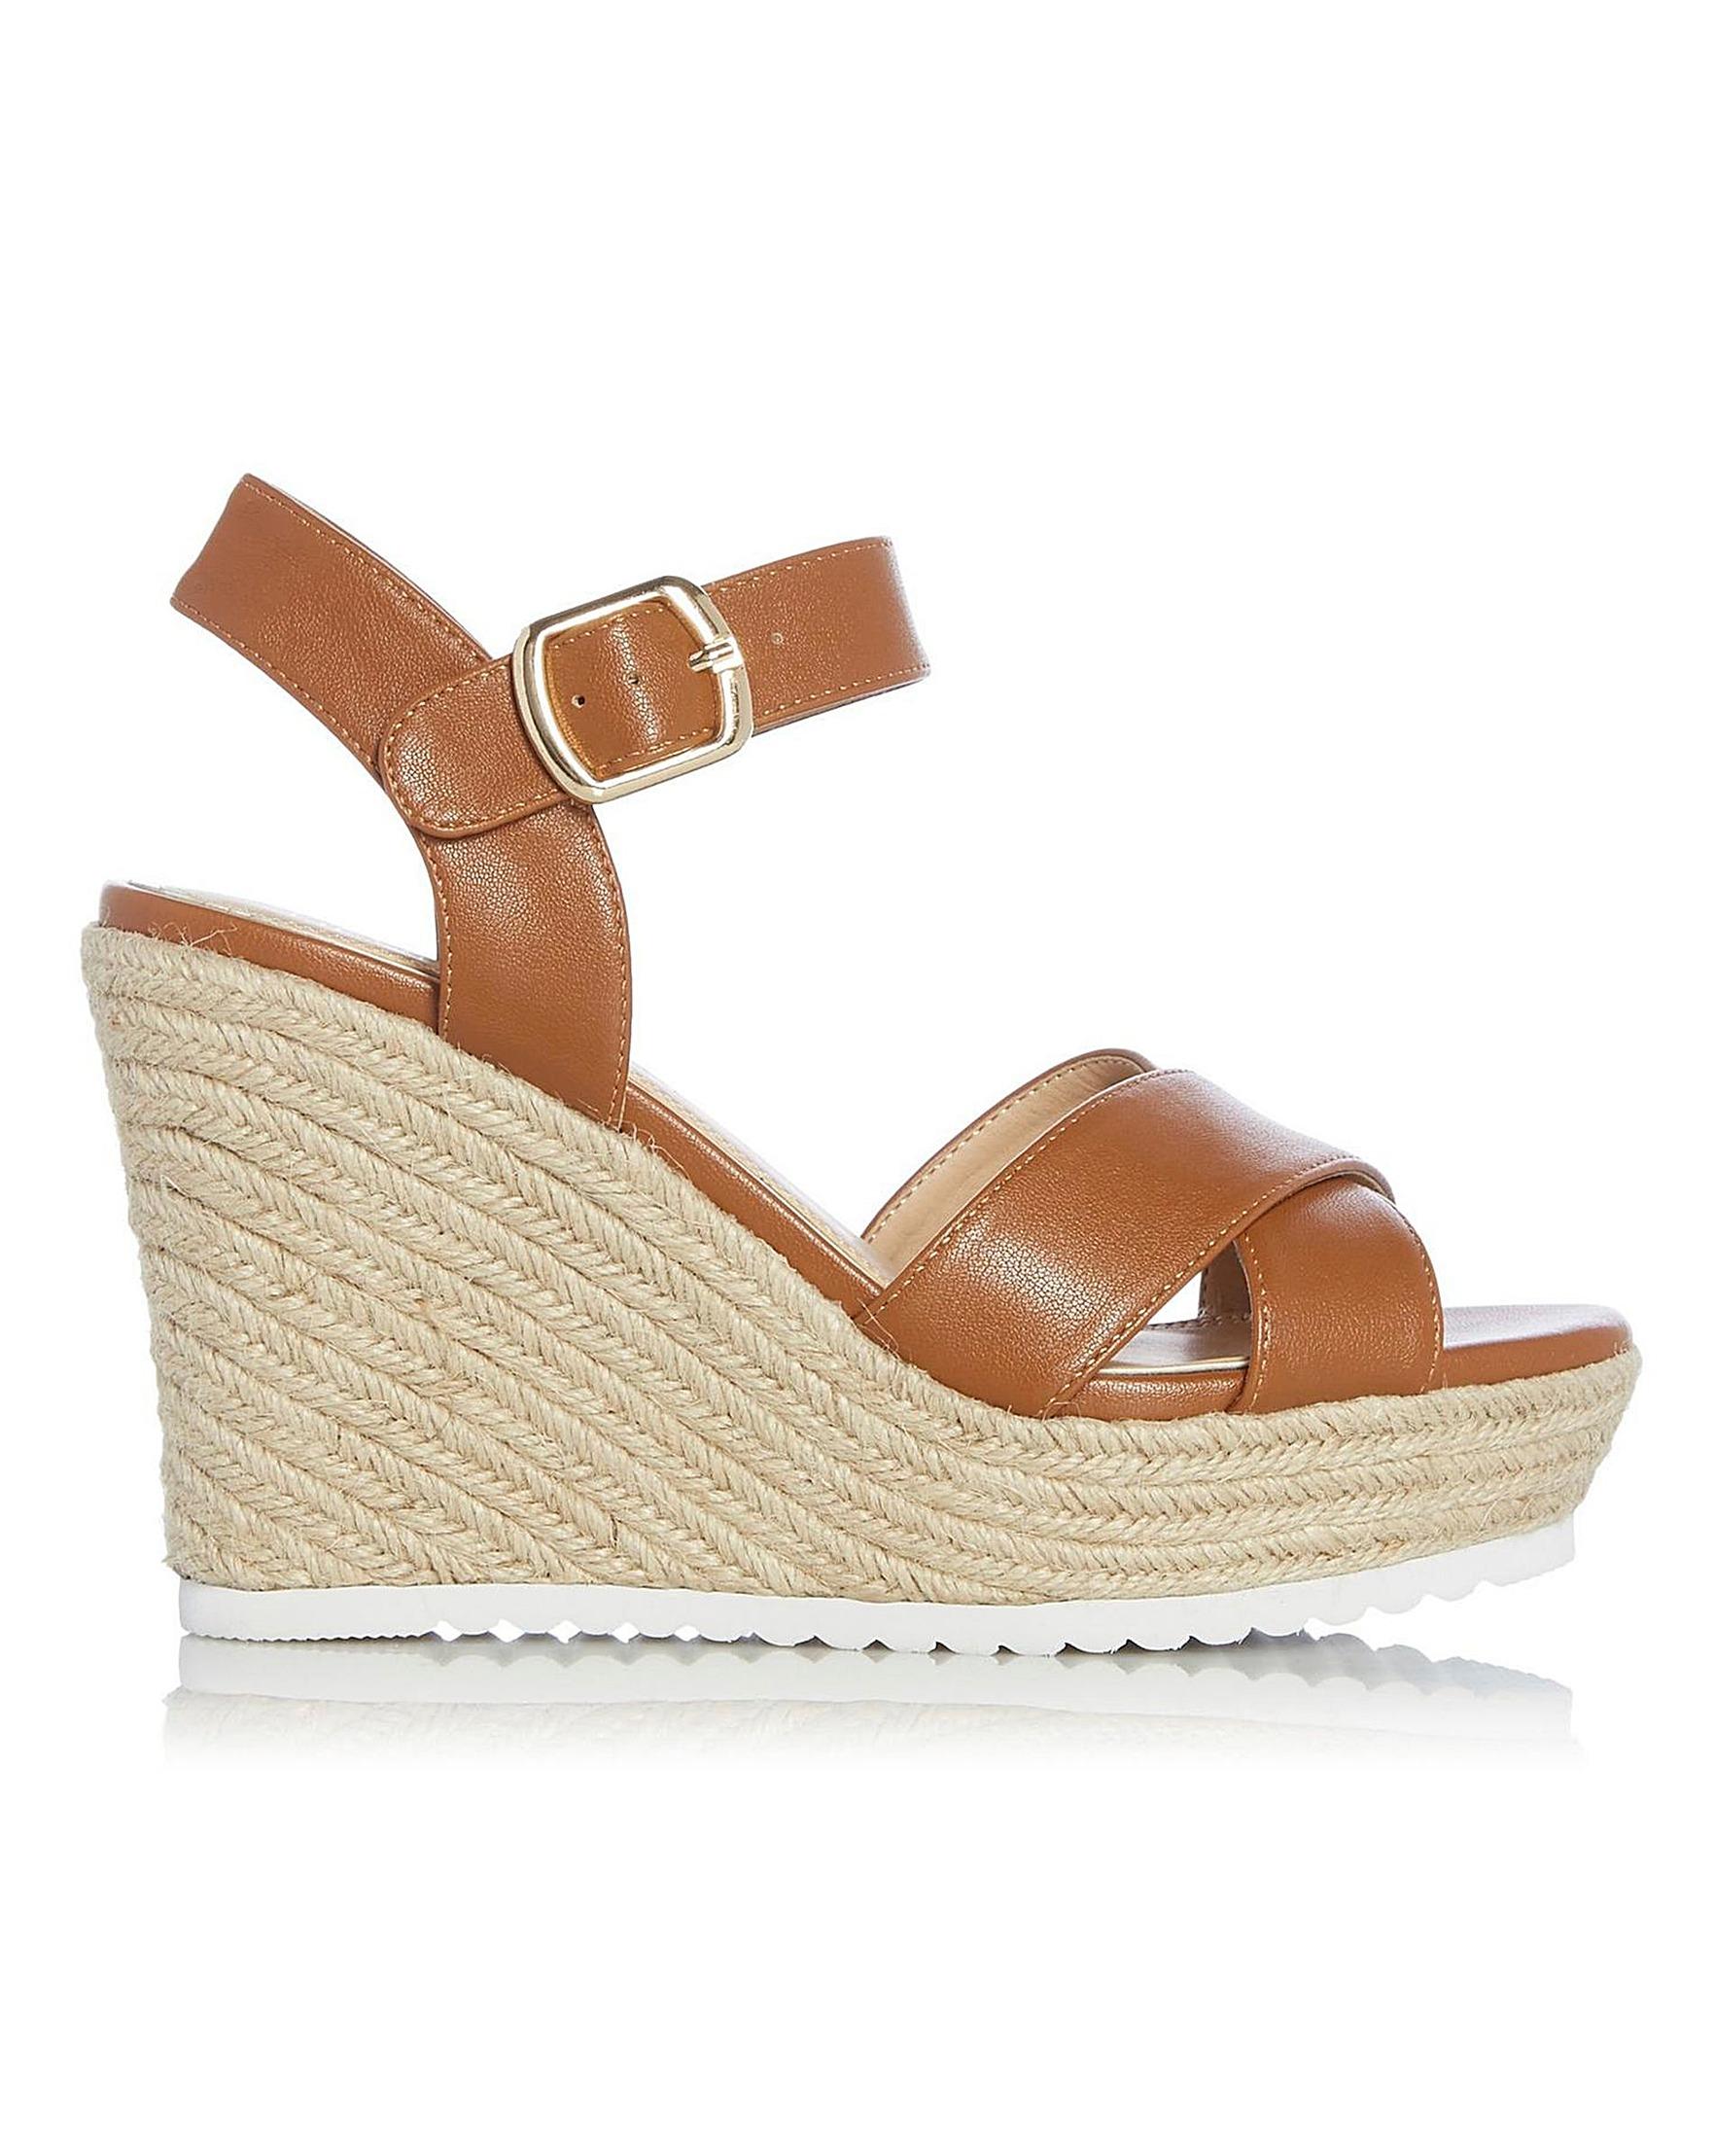 Wedge Heels Head Katyaa Over Sandals j3AR54L